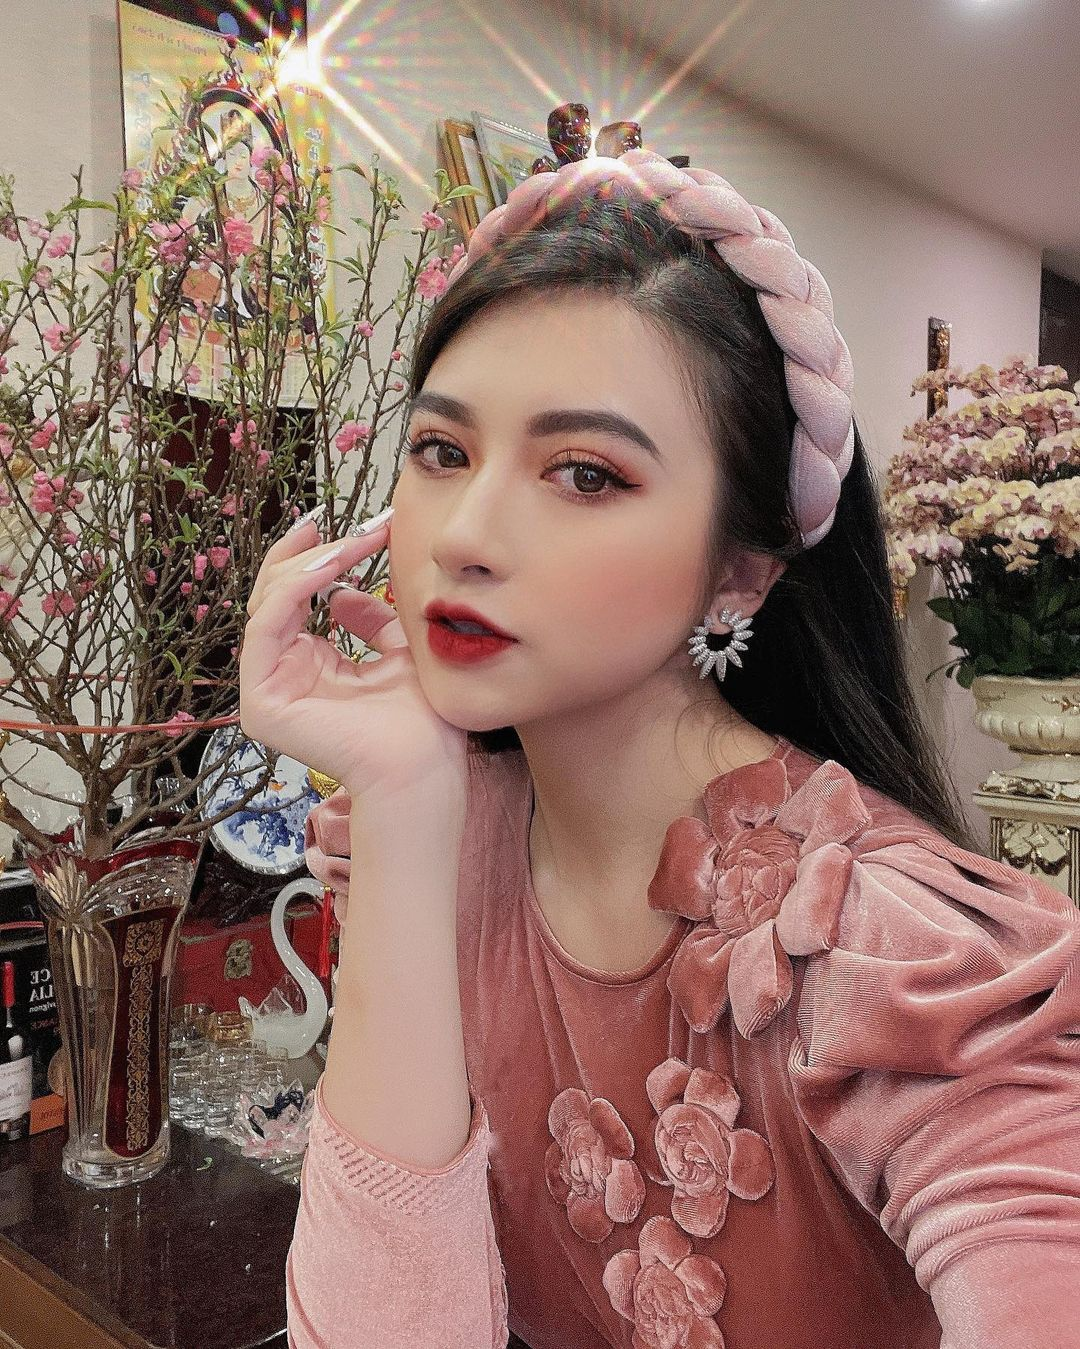 Loạt hot girl diện áo dài sang đẹp phết, makeup cực xinh nhưng bất ngờ là cách mix phụ kiện xịn xò quá đỗi - Ảnh 3.